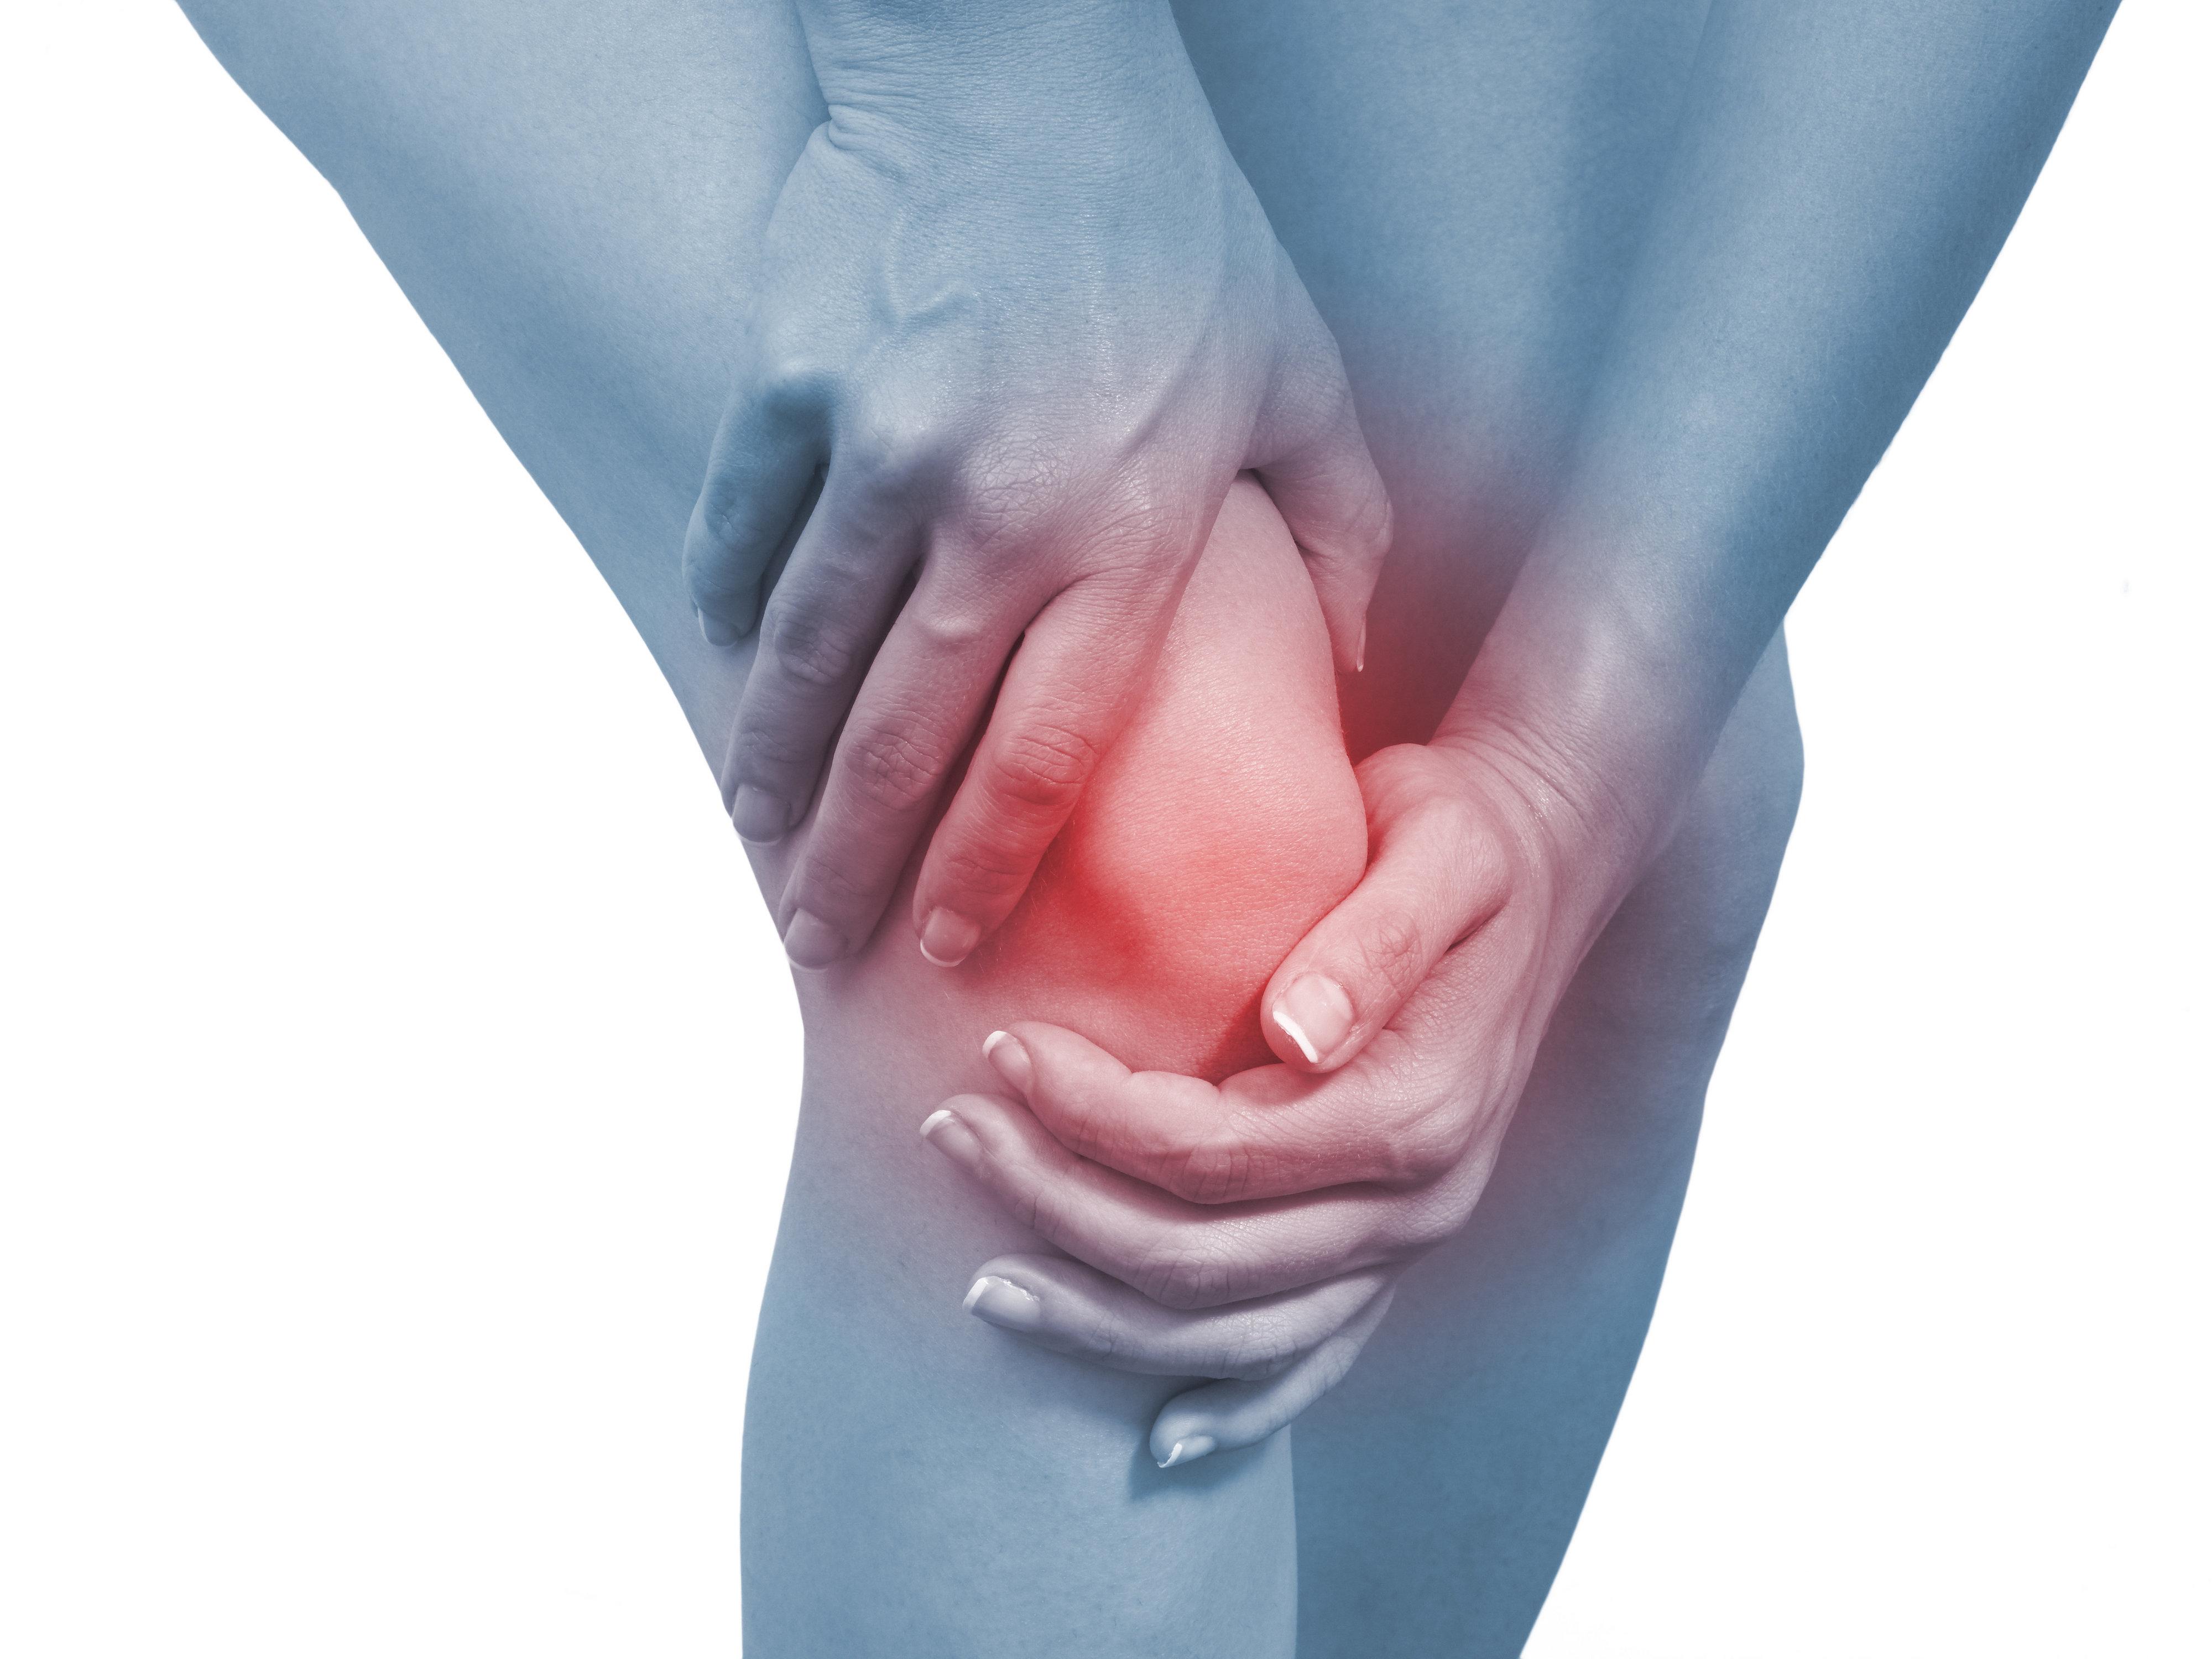 Артралгия - что это такое - причины болей в суставах у детей и взрослых, профилактика и физиотерапия